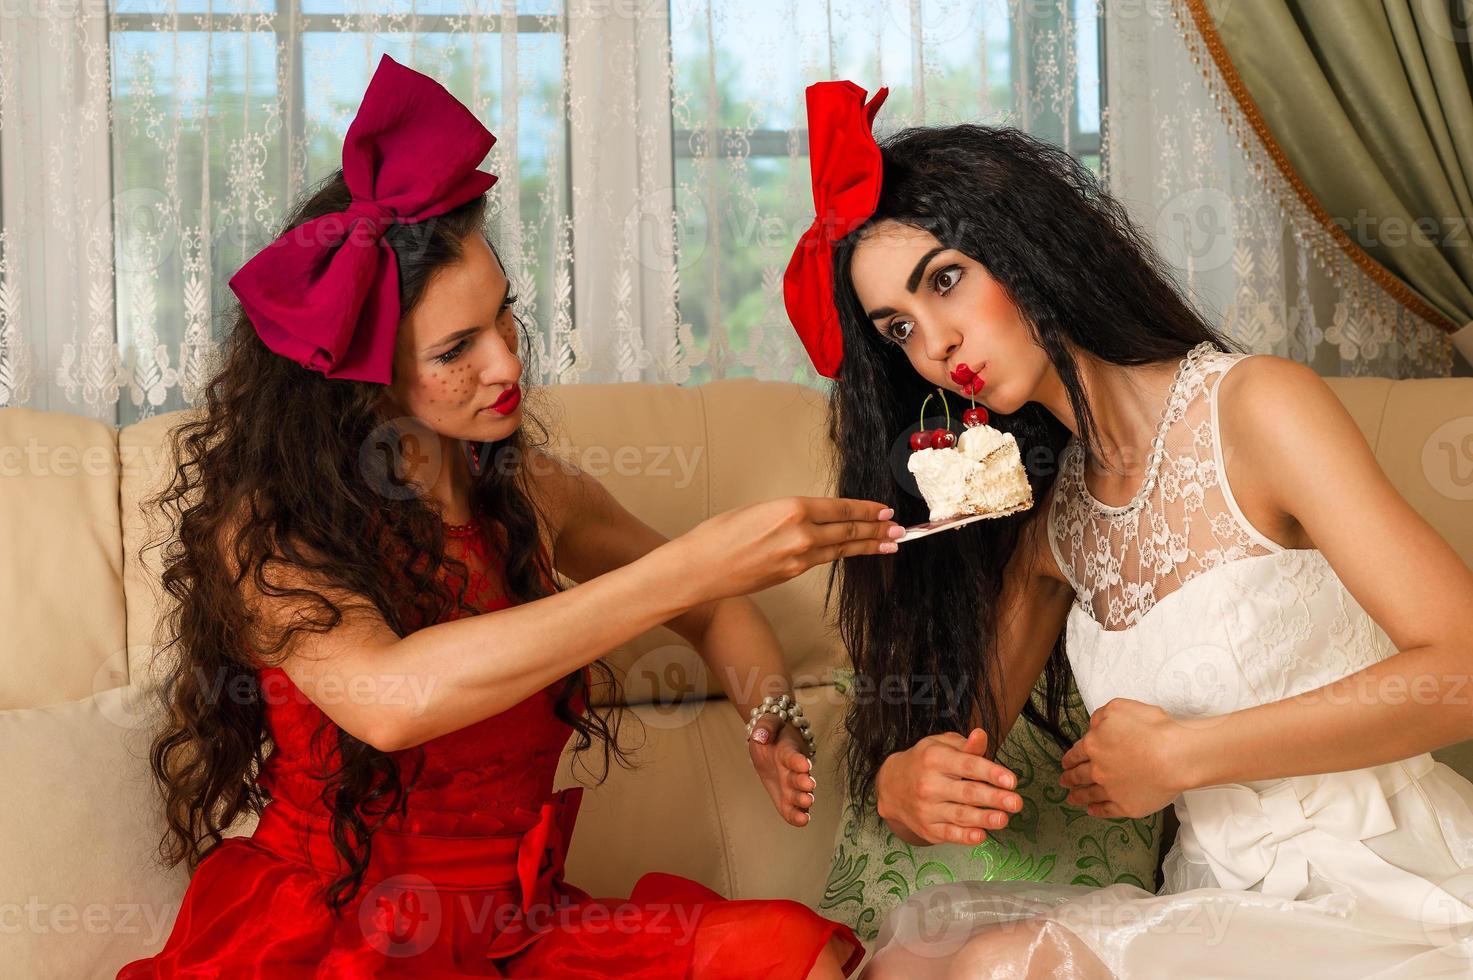 duas bonecas femininas para uma festa do chá foto